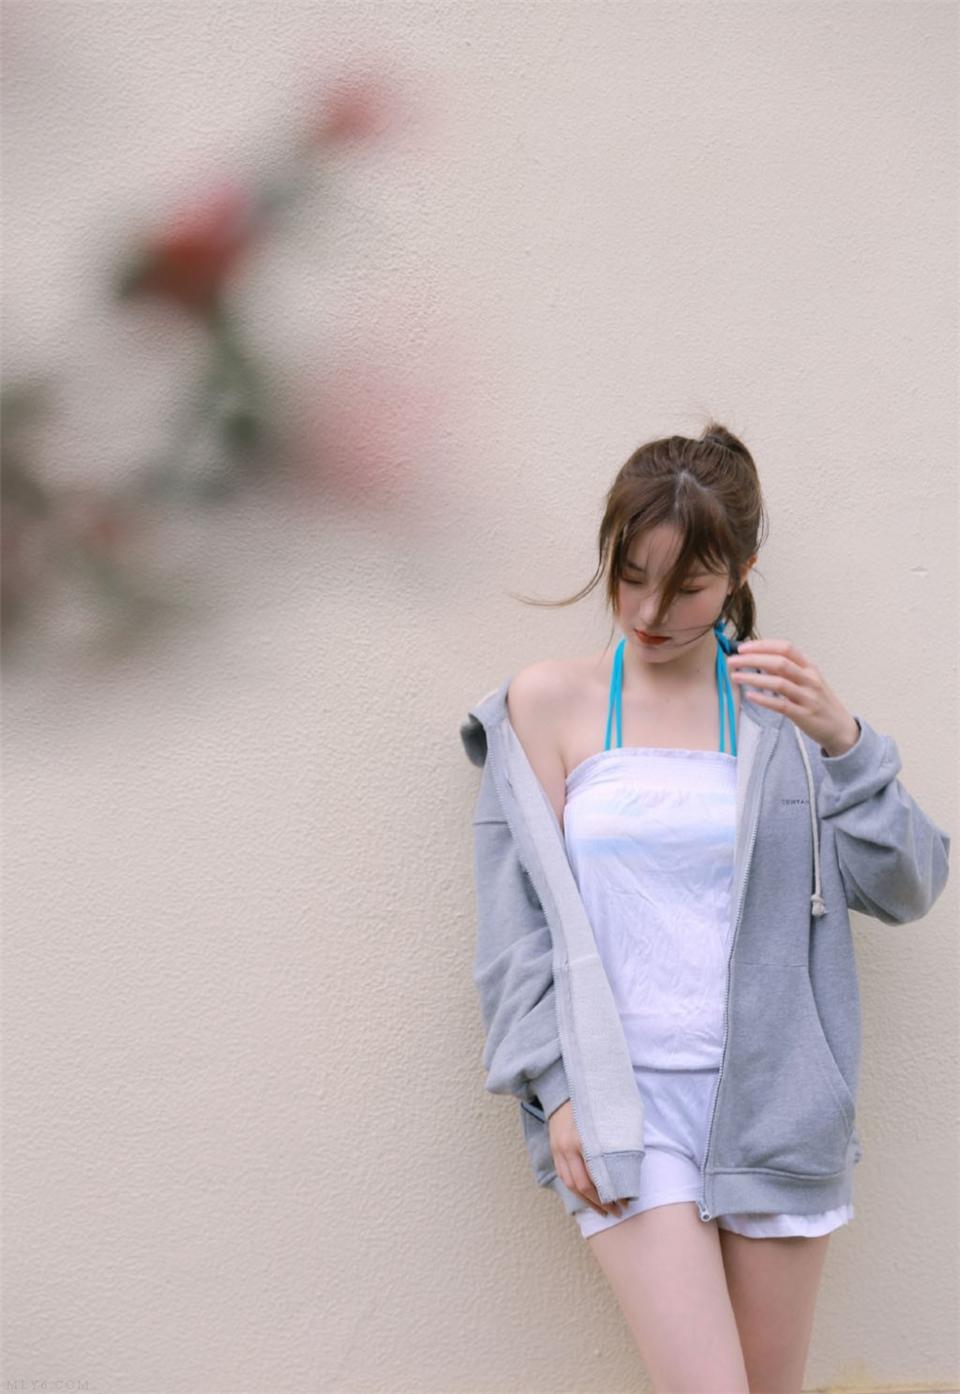 元气少女灰色卫衣长腿诱人写真